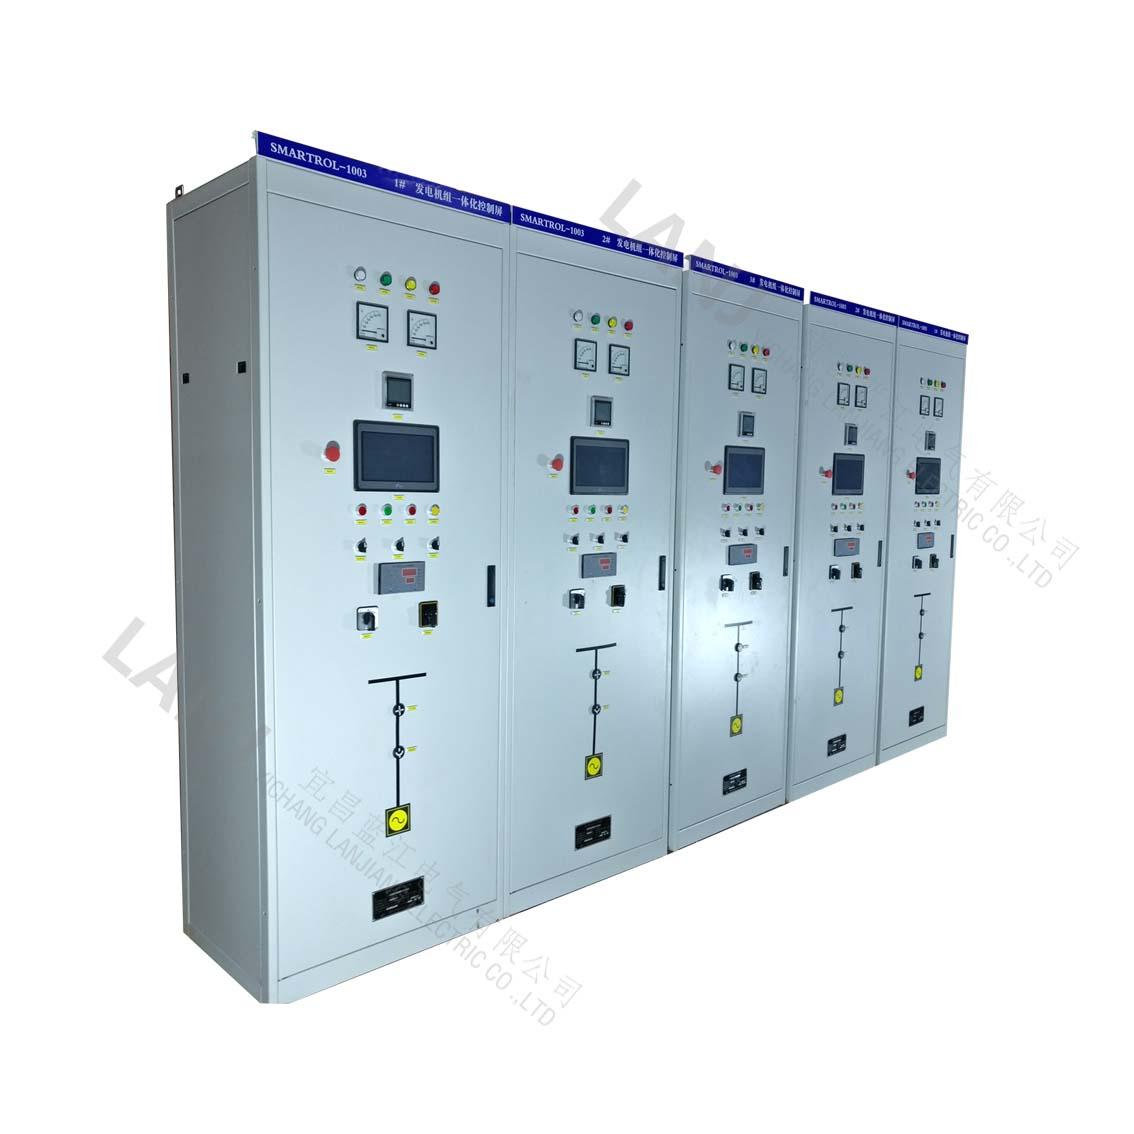 發電機組一體化屏 SMARTROL 1000